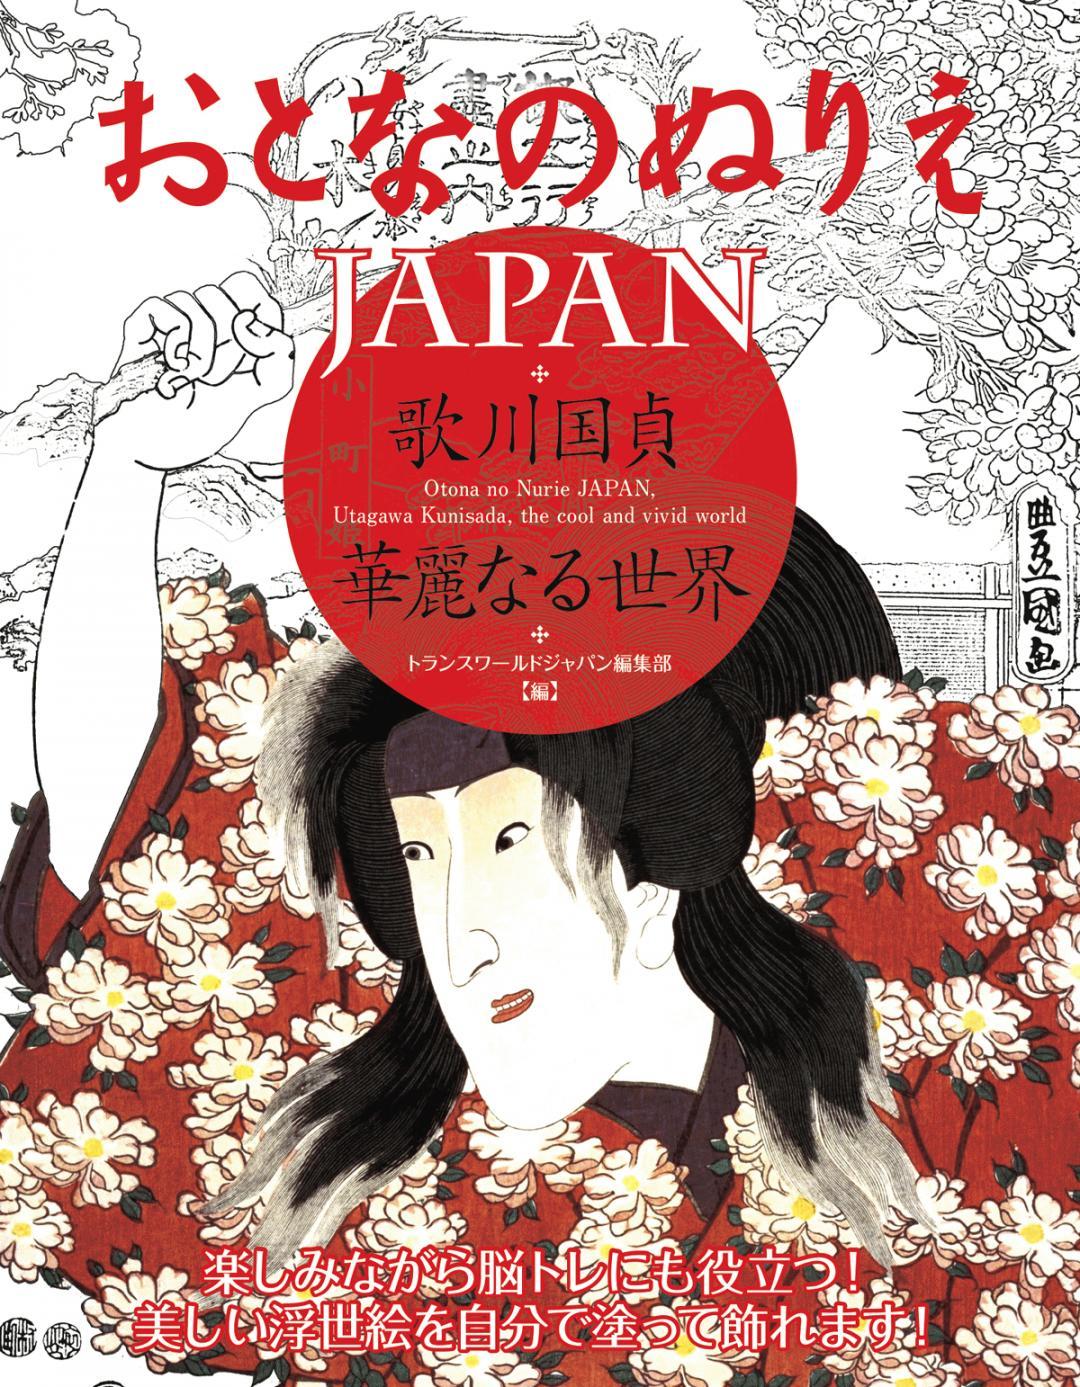 おとなのぬりえjapan歌川国貞 Transworld Japan トランスワールド